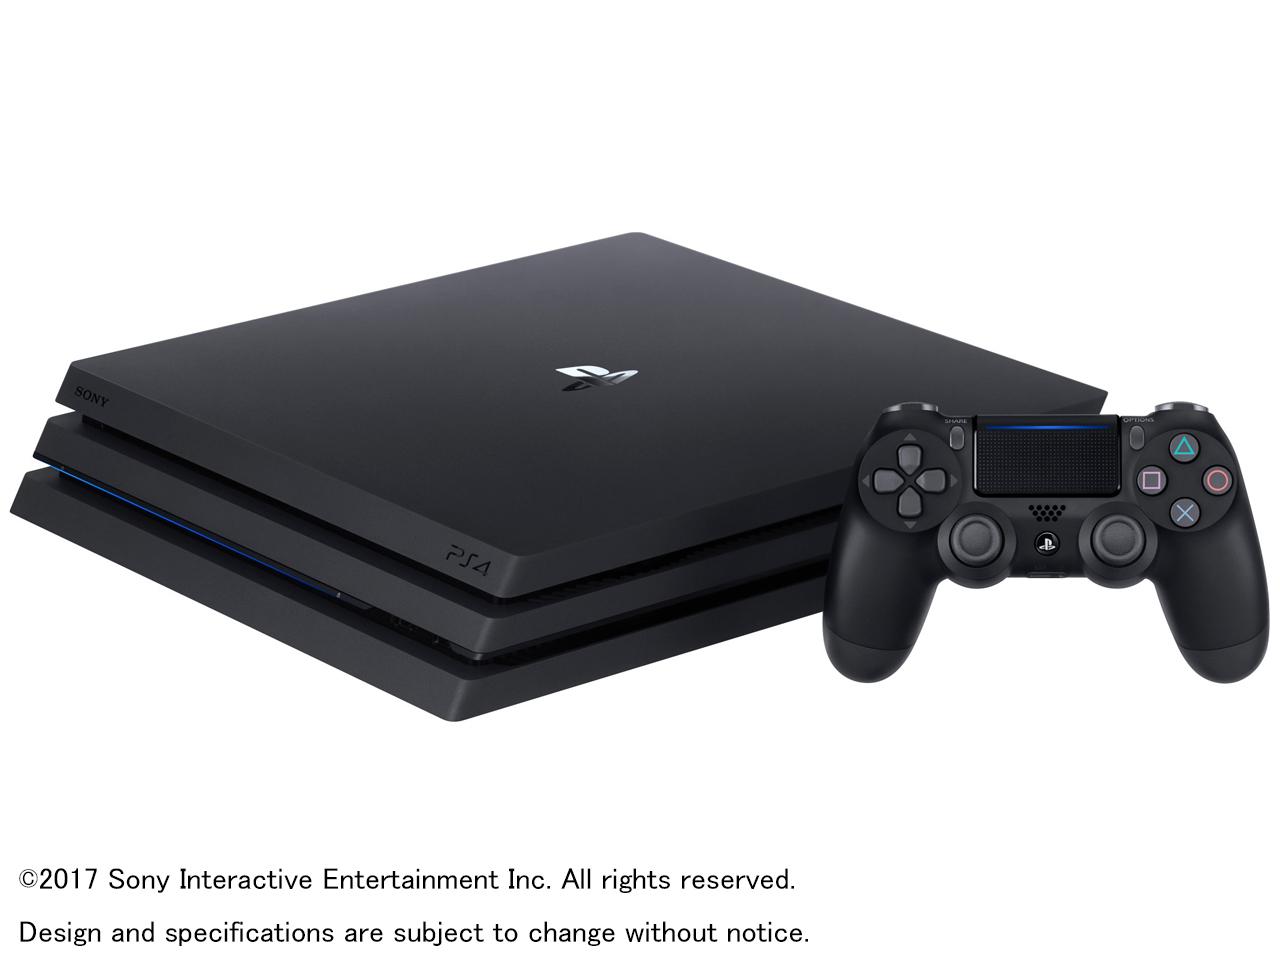 Yahoo!ショッピングでプレイステーション4 Pro HDD 1TB ジェット・ブラック CUH-7100BB01が価格コム4.4万⇒実質4万円。